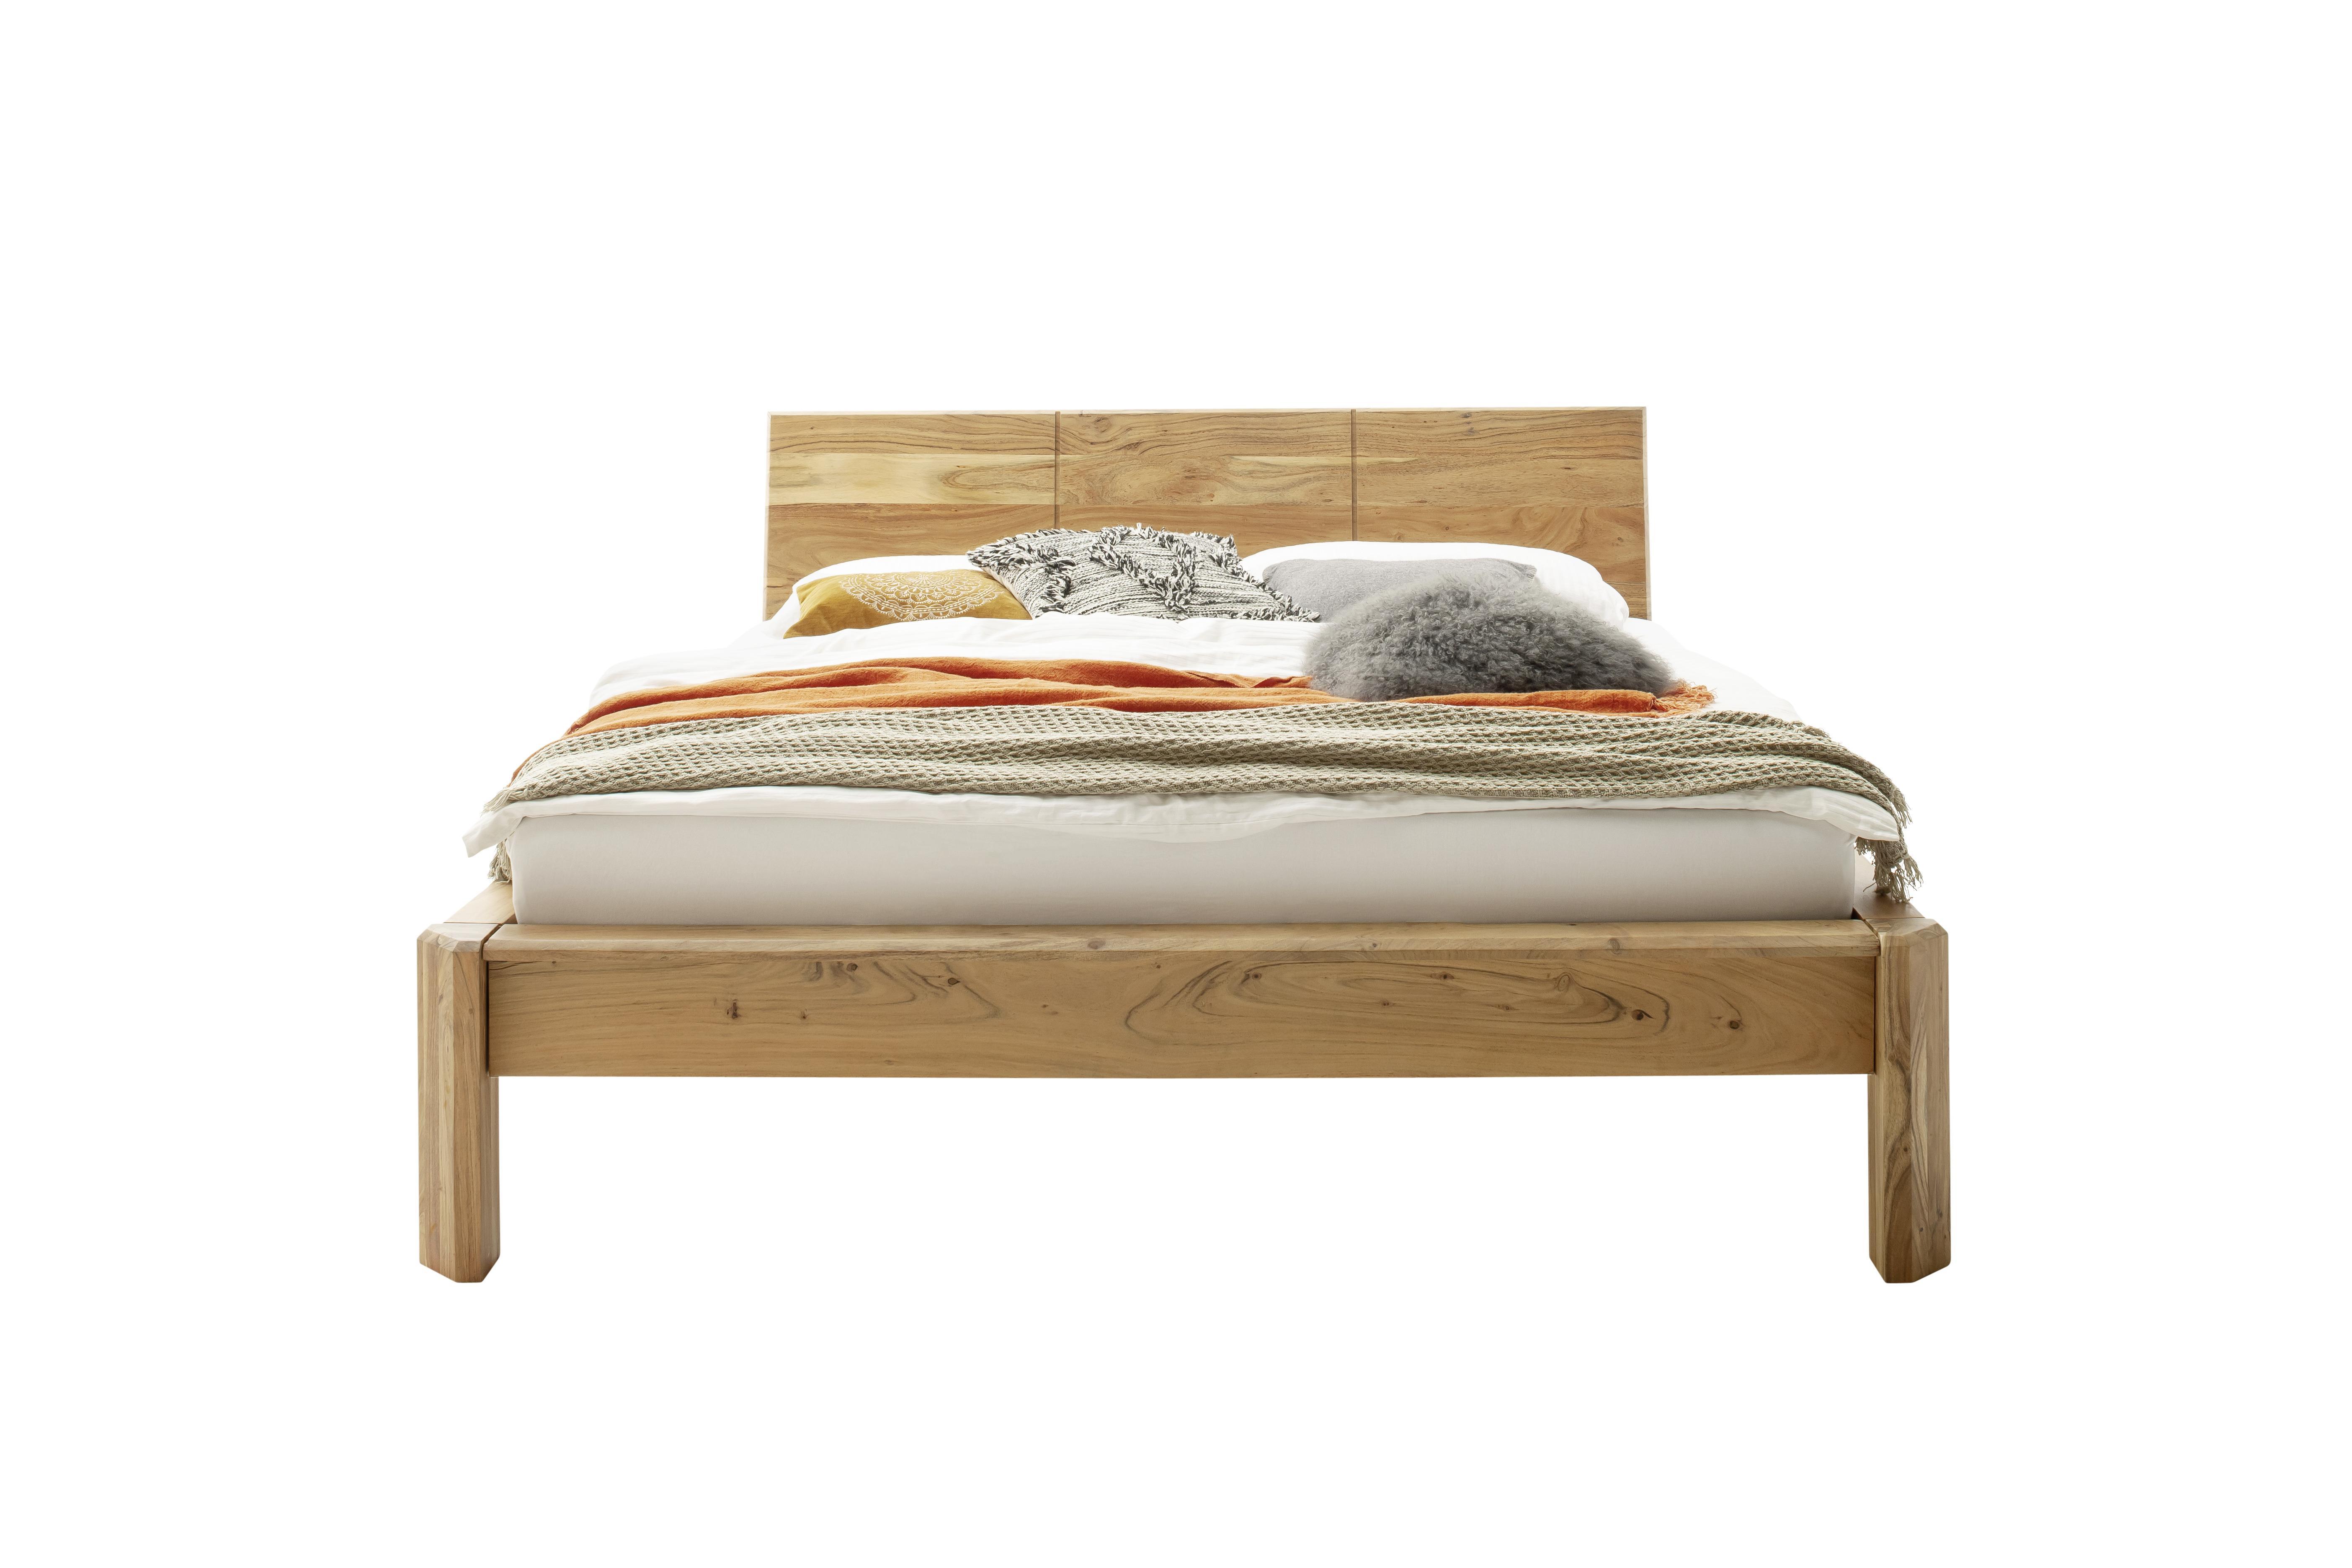 Image of Bett aus Akazie massiv